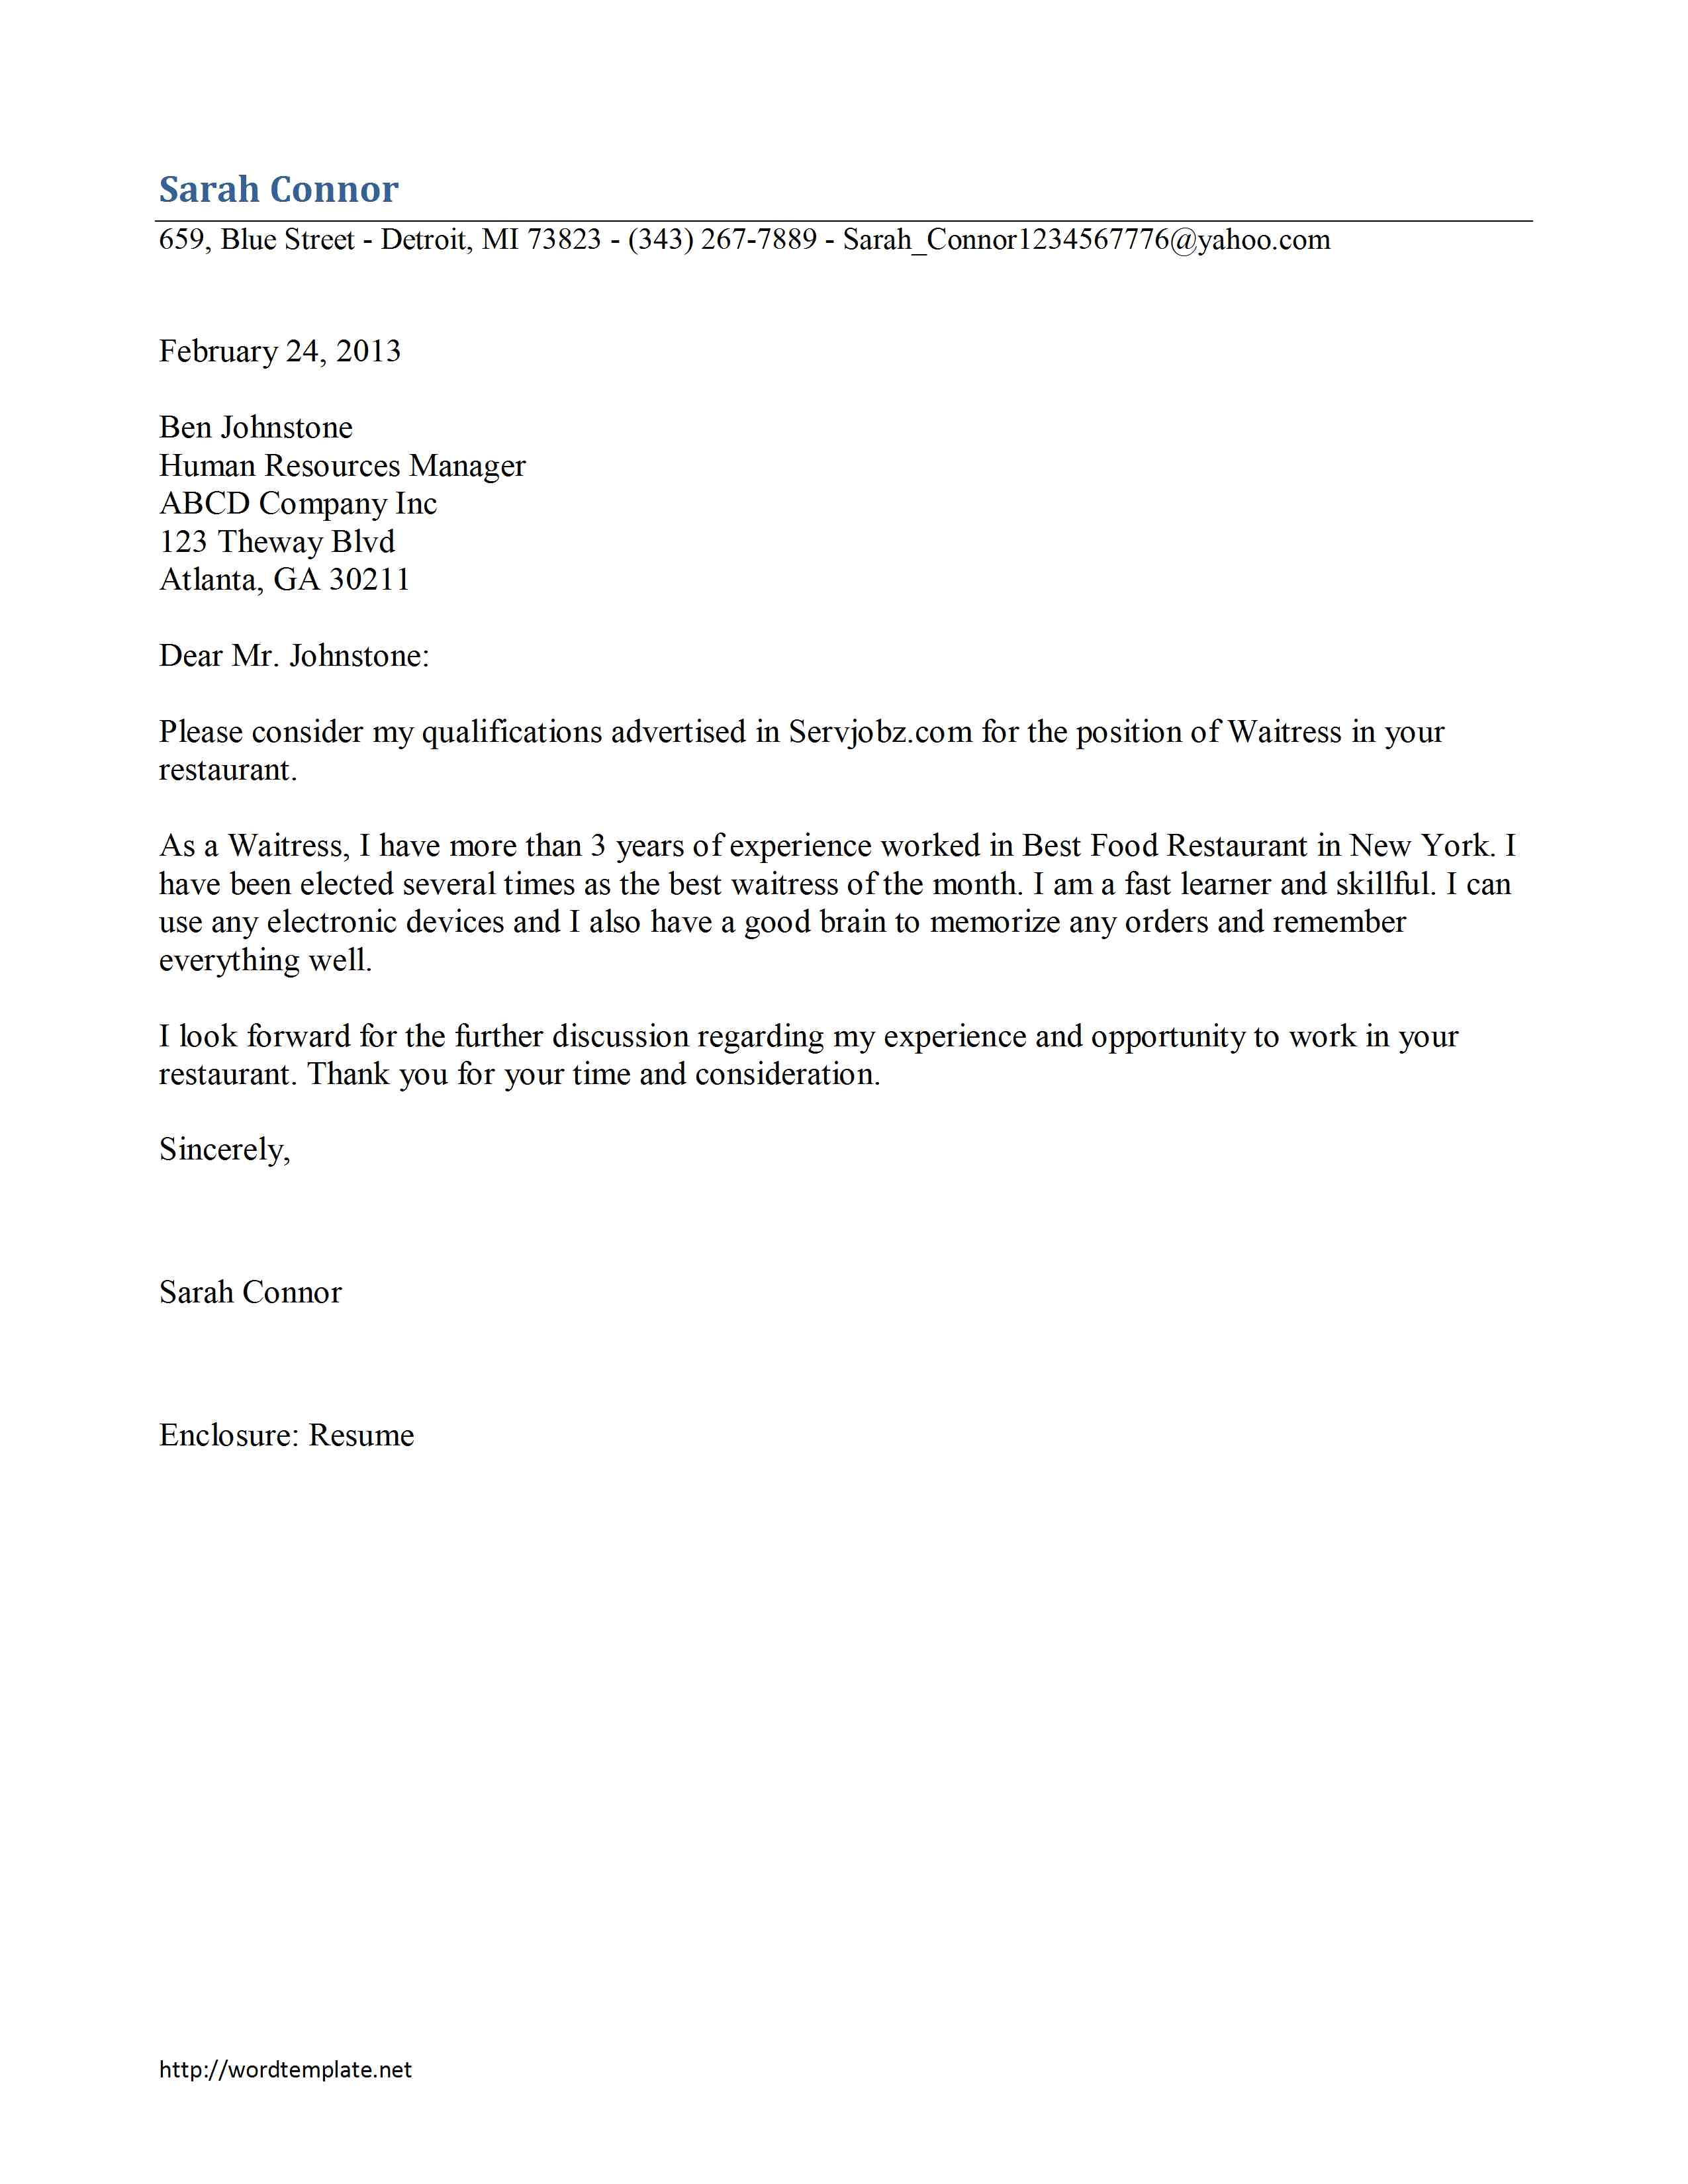 Cover Letter for Waitressing Job Waitress Cover Letter Template